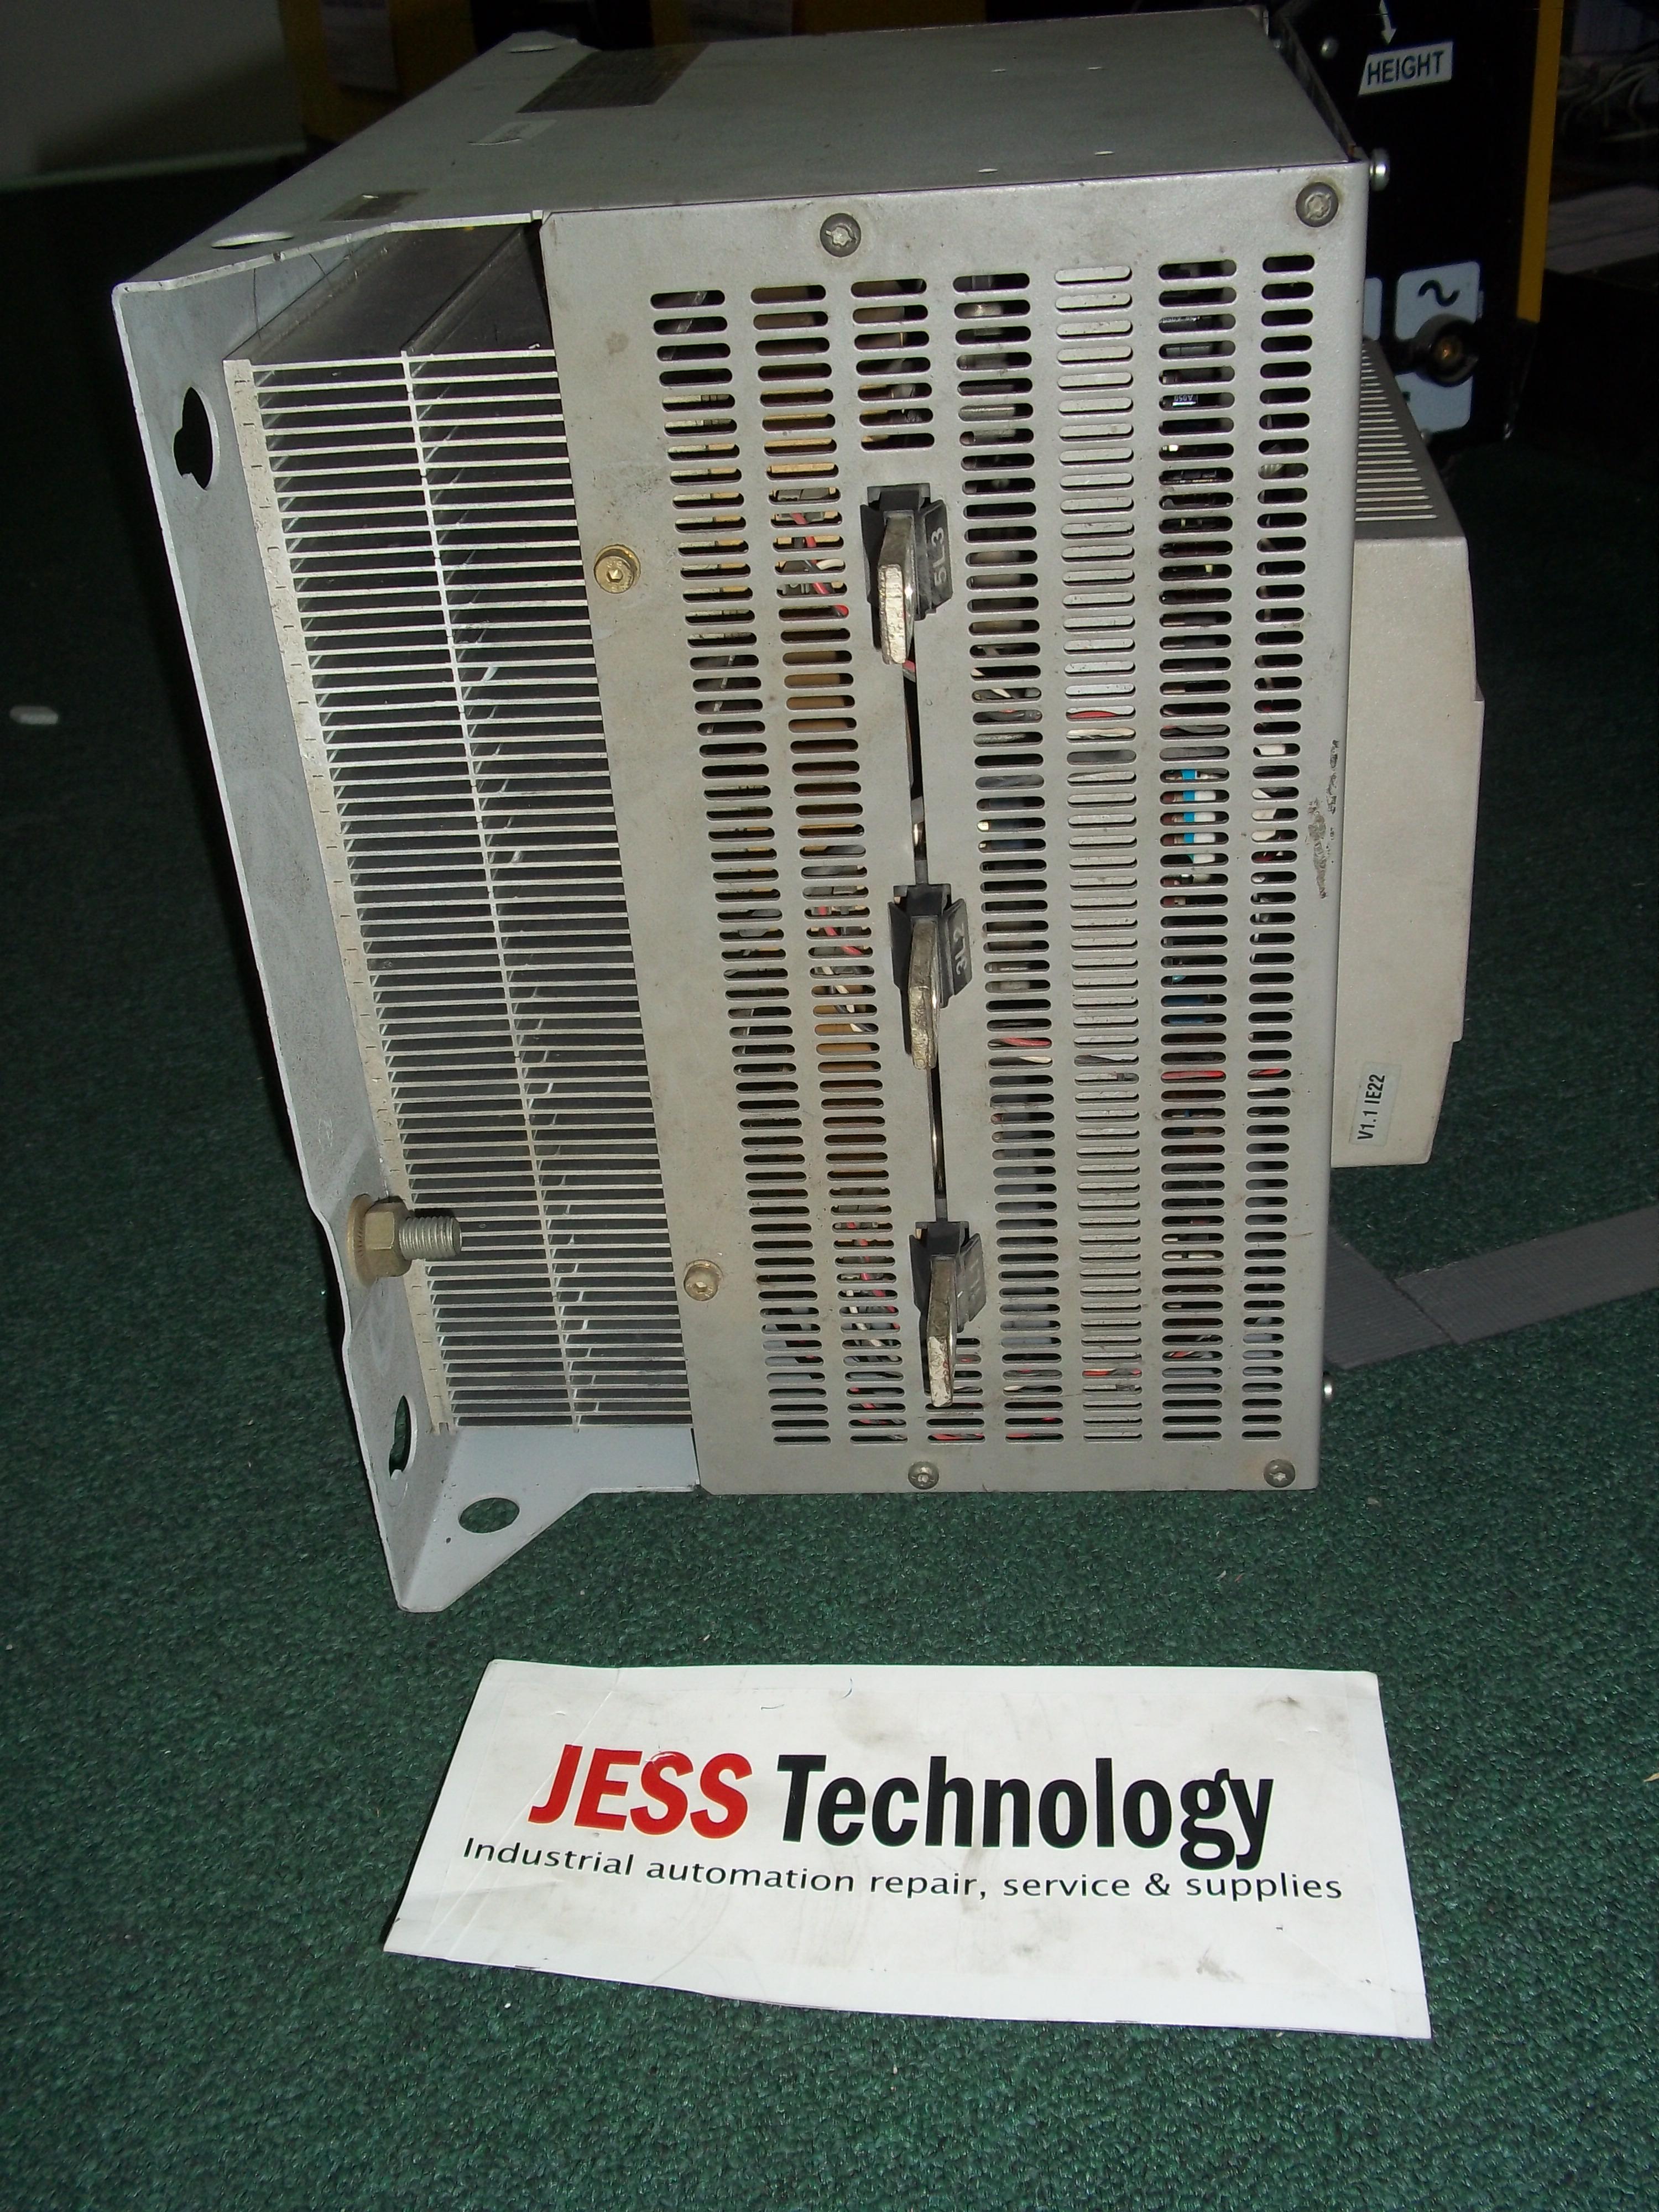 Repair ATS48C210 TELEMECANIQUE TELEMECANIQUE in Malaysia, Singapore, Thailand, Indonesia